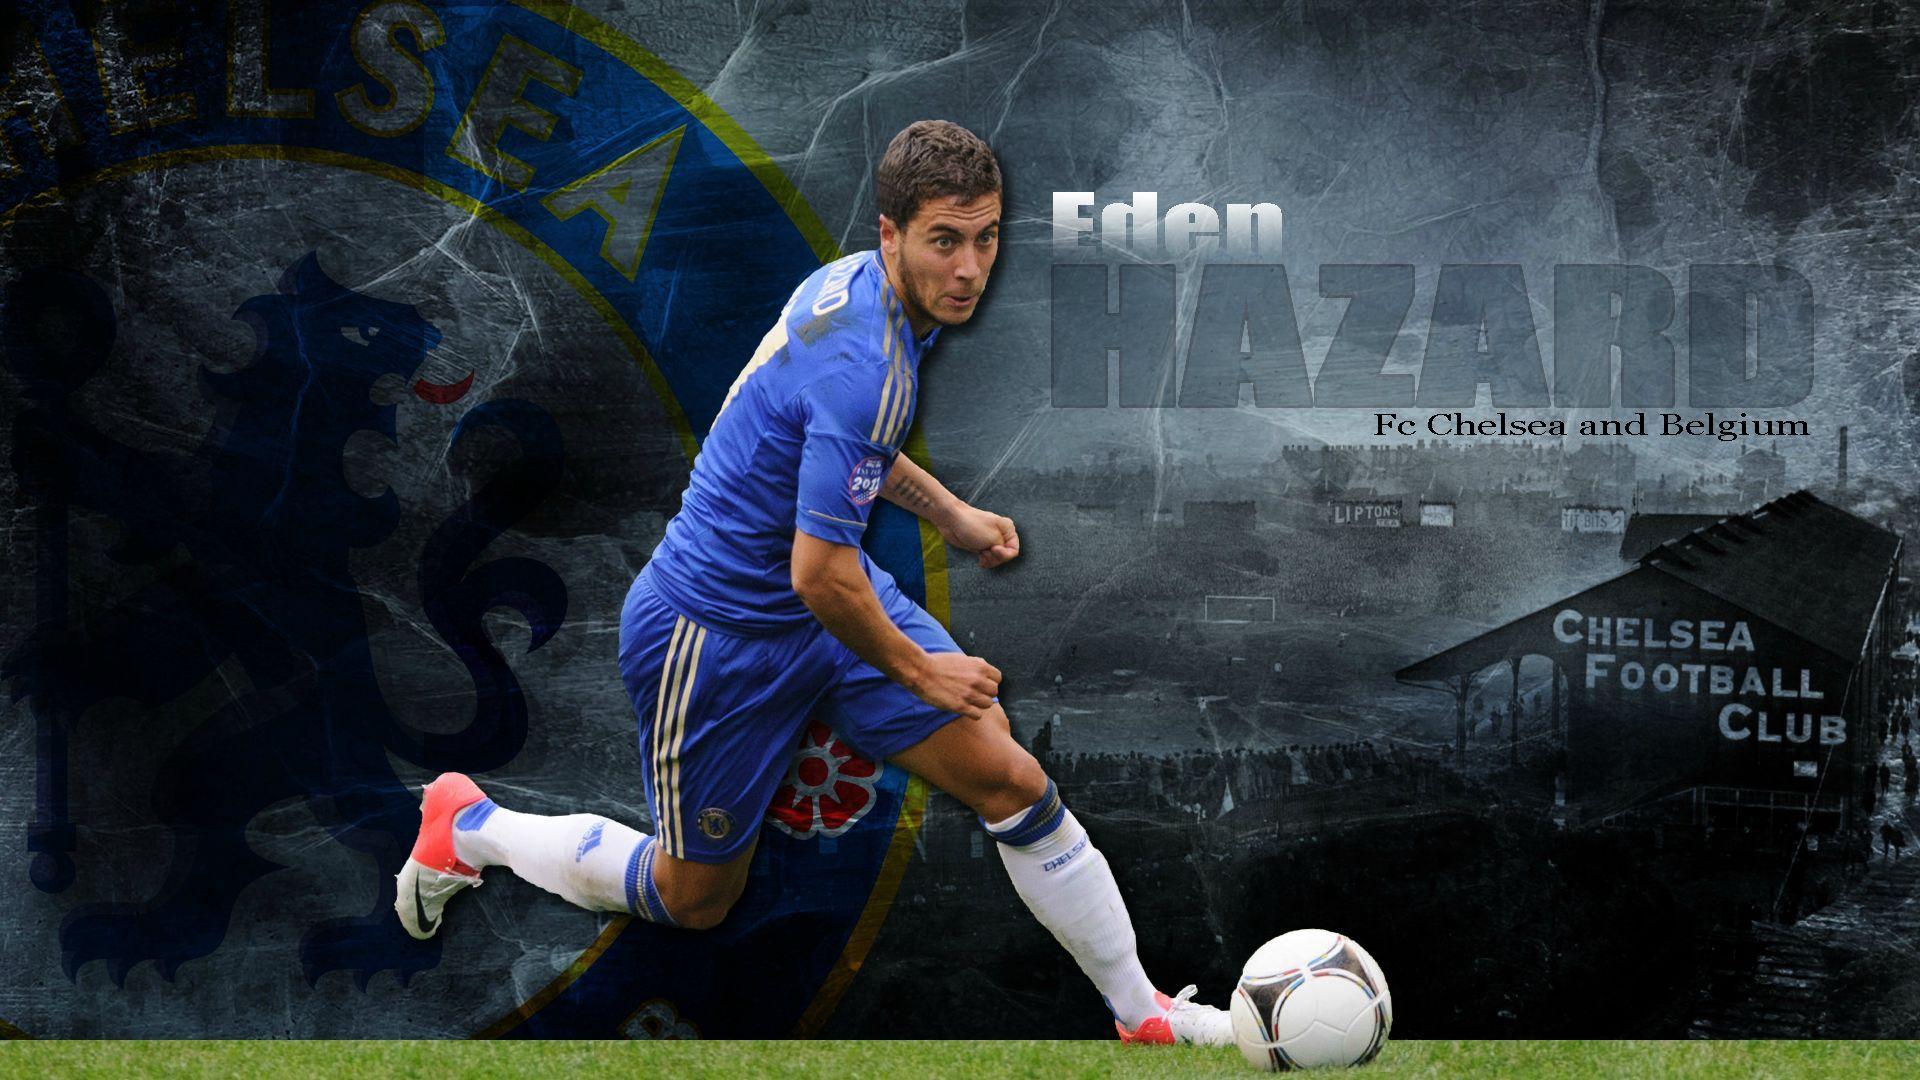 Eden Hazard Chelsea FC and Belgium HD Wallpaper in Desktop - http://www.wallpapersoccer.com/eden-hazard-chelsea-fc-and-belgium-hd-wallpaper-in-desktop.html